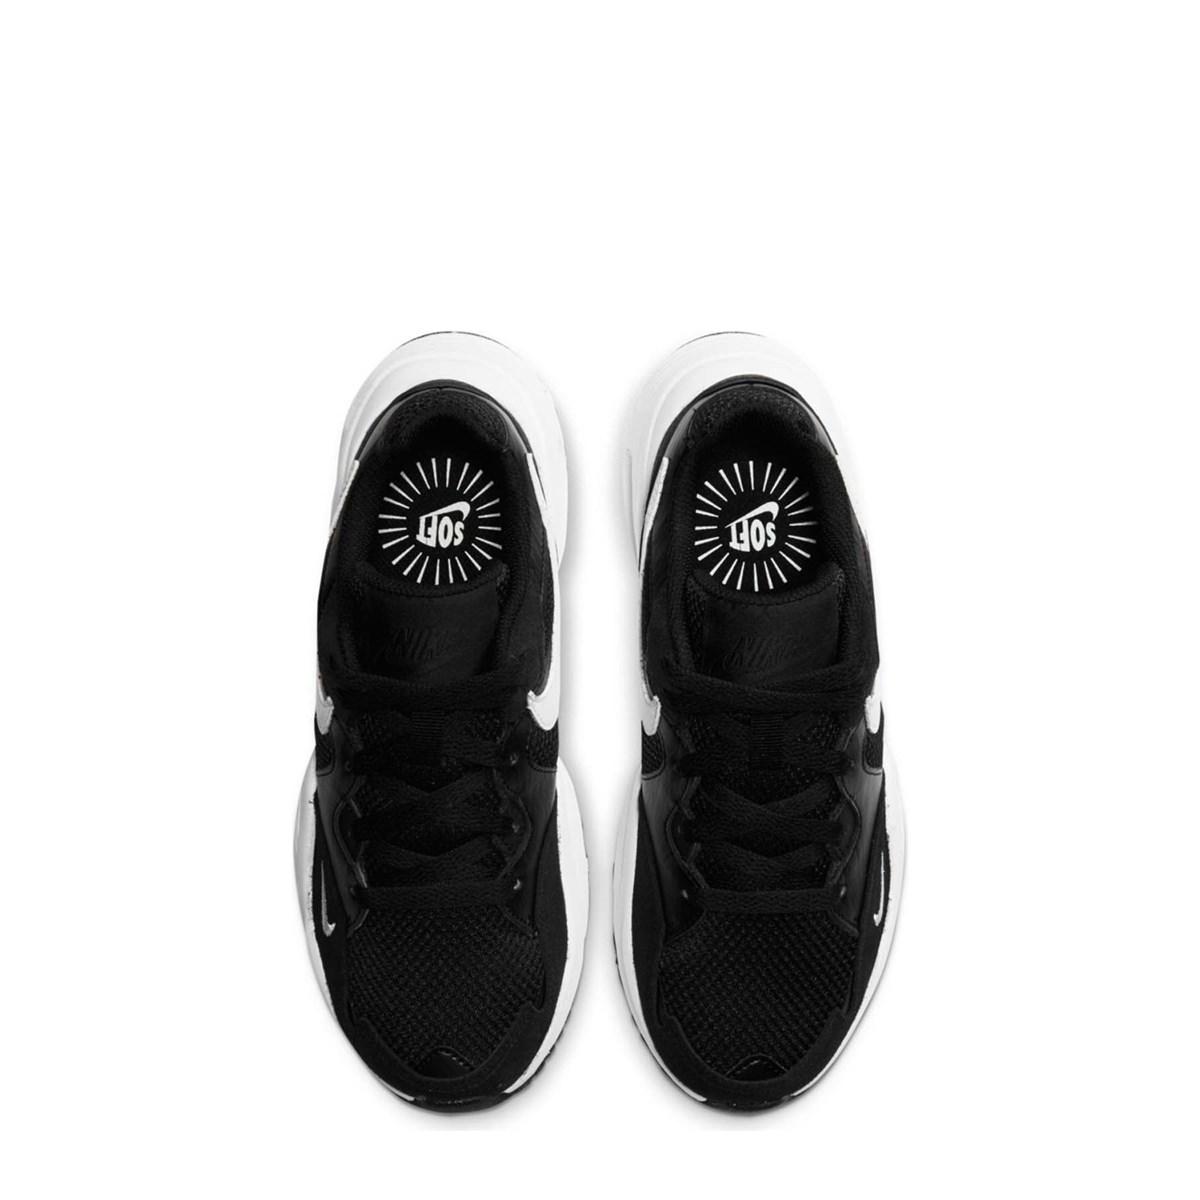 Air Max Fusion Kadın Siyah Spor Ayakkabı (CJ3824-002)